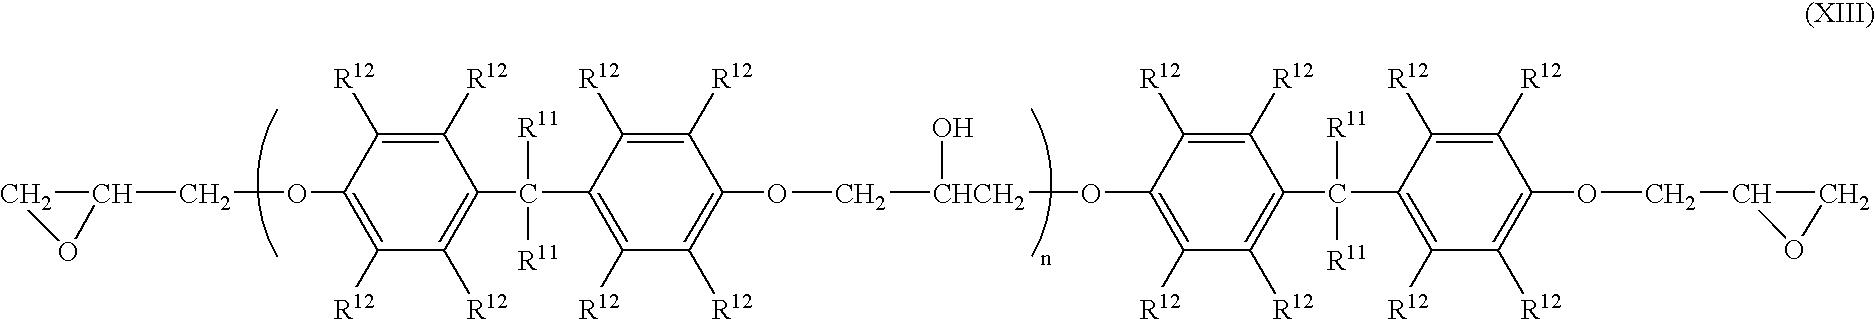 Figure US20050267286A1-20051201-C00012